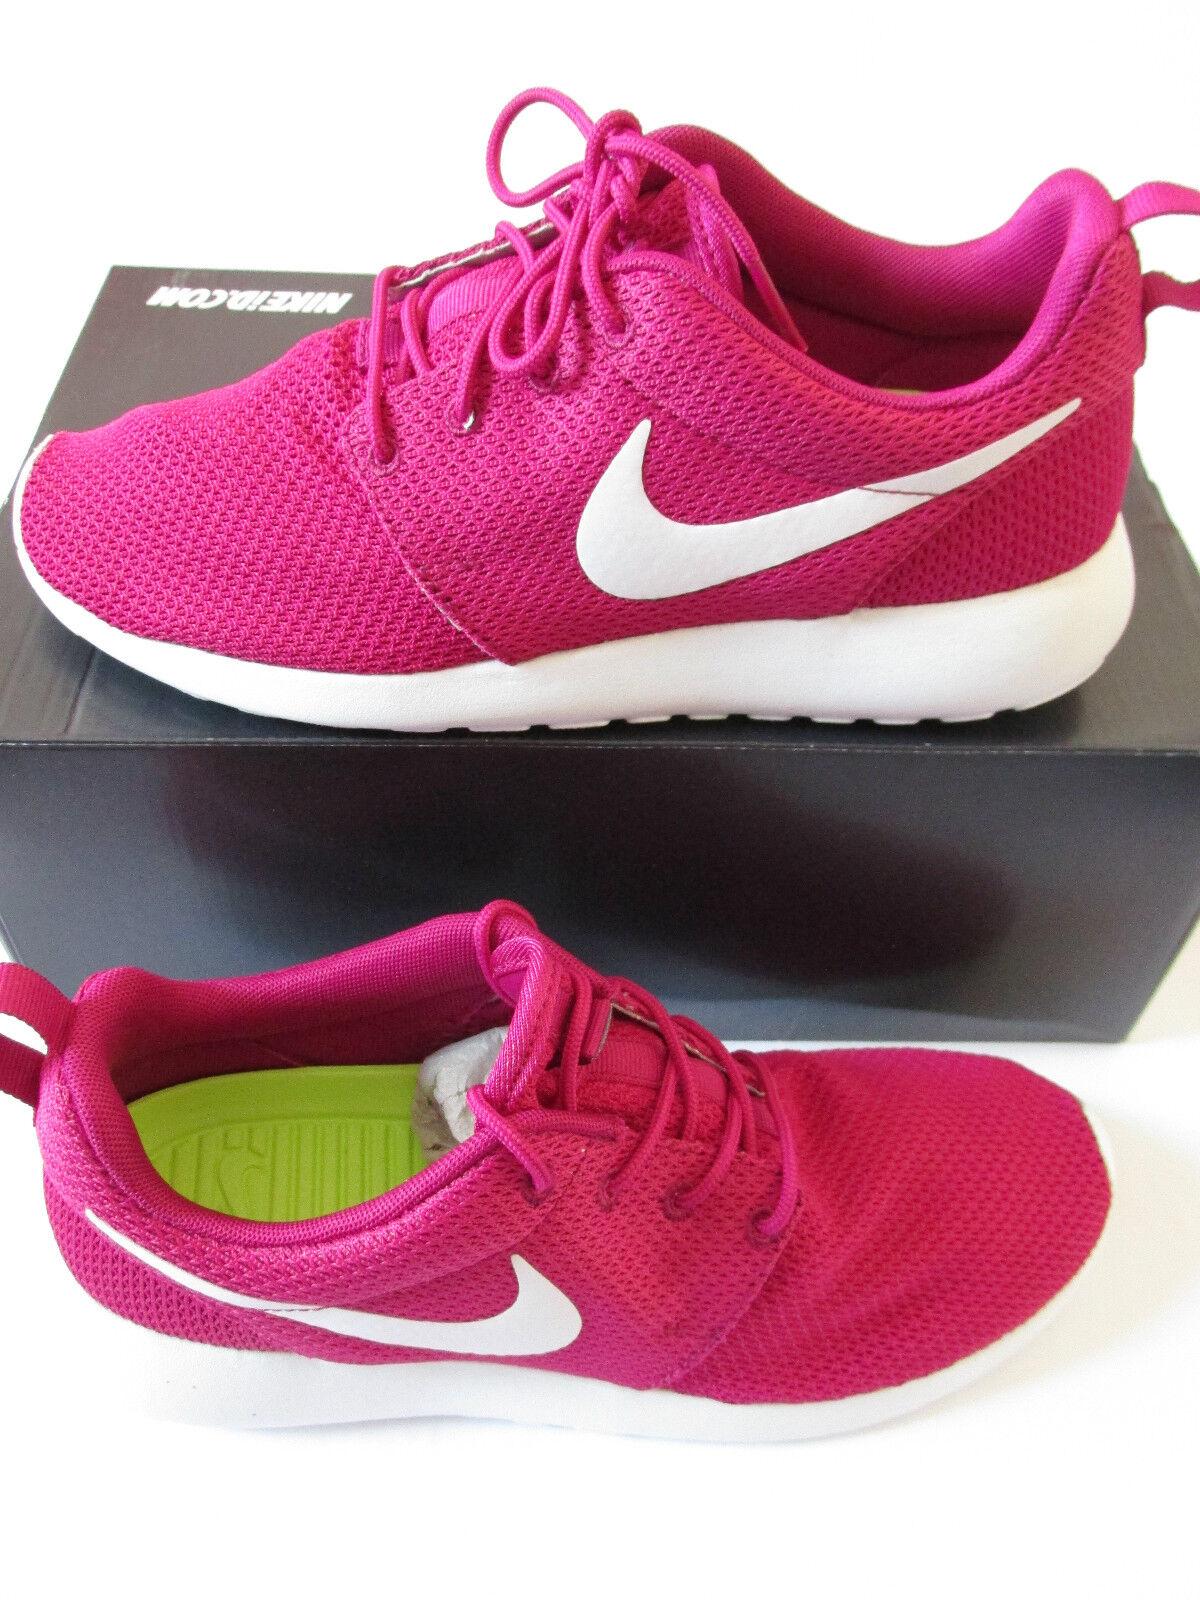 nike ID rosherun  Femme  trainers 616841 992 uk 5.5 us 8 eu 39 sneakers